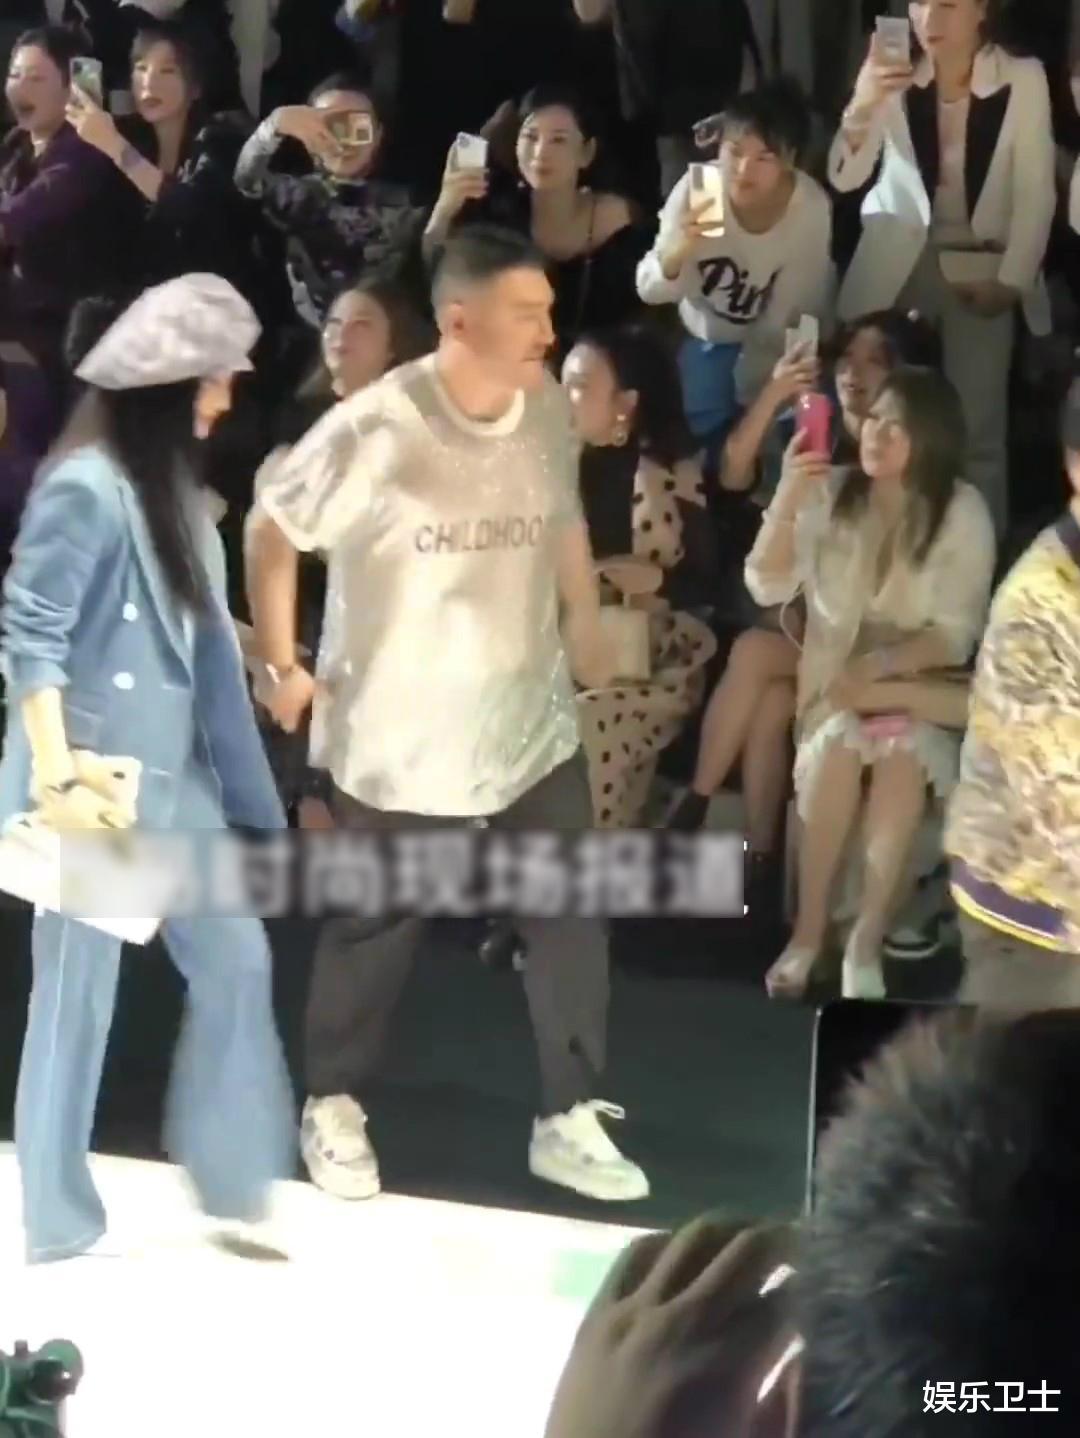 范冰冰參加上海時裝周,被特殊照顧顯大花身份,與馬蘇同框全程避嫌無交流-圖9